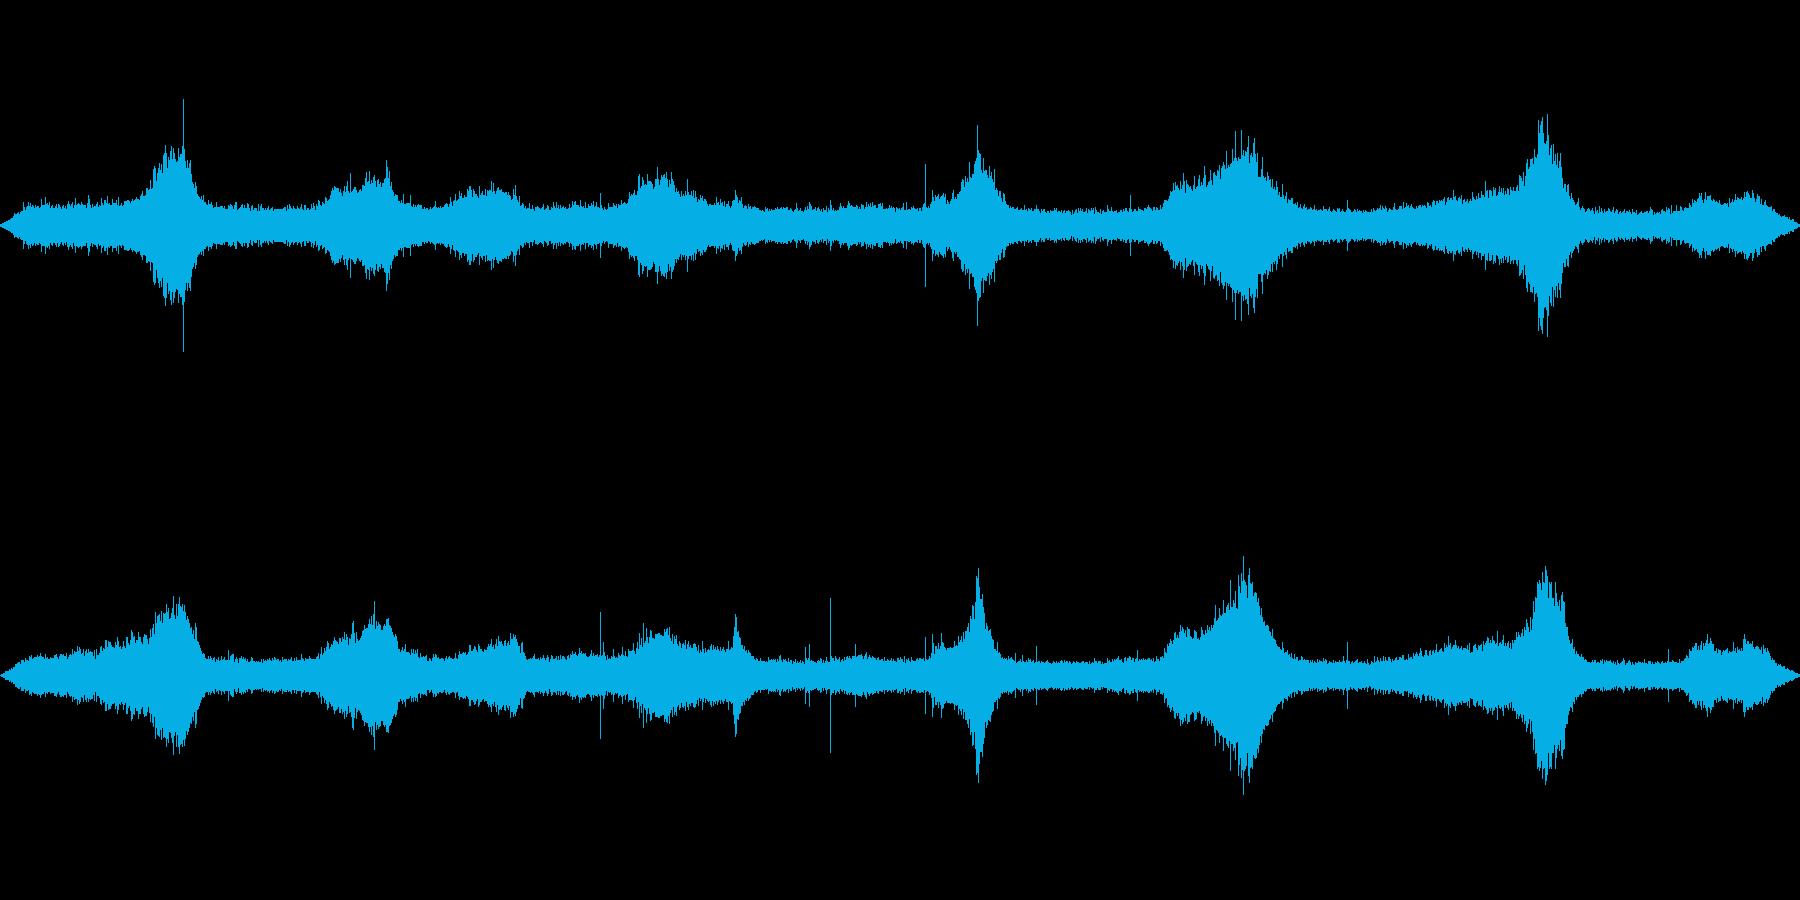 海に雨が降る音(波音と雨音)の再生済みの波形